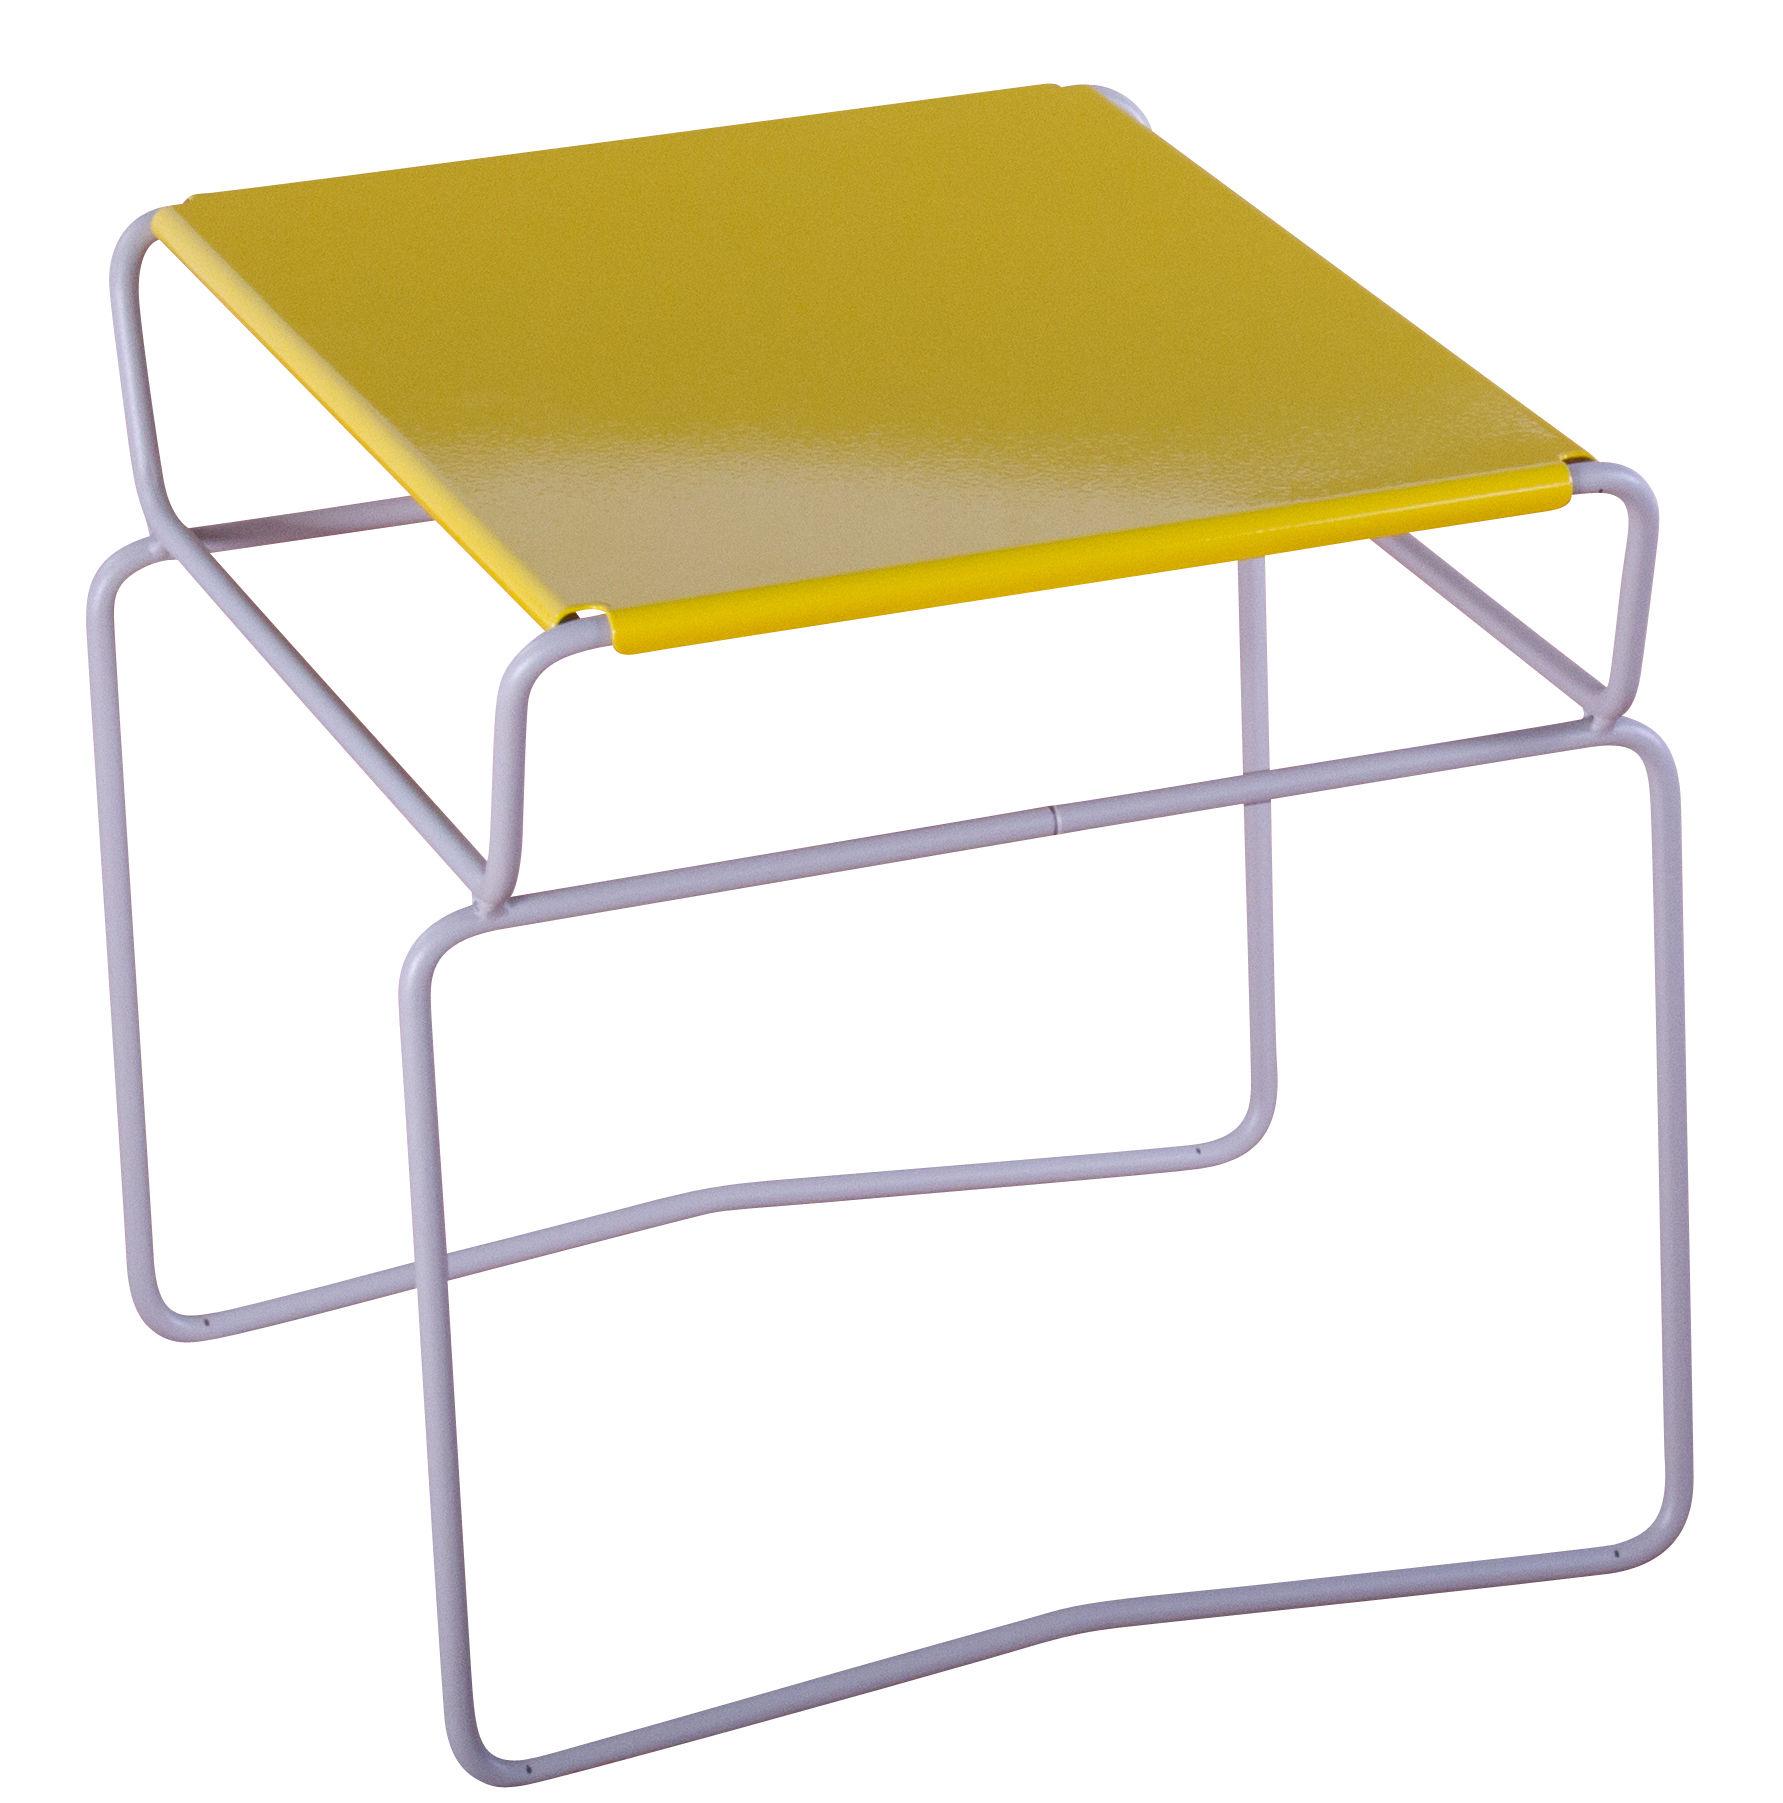 Table Basse Fil Confort 46 X 41 Cm Plateau Jaune Structure Grise